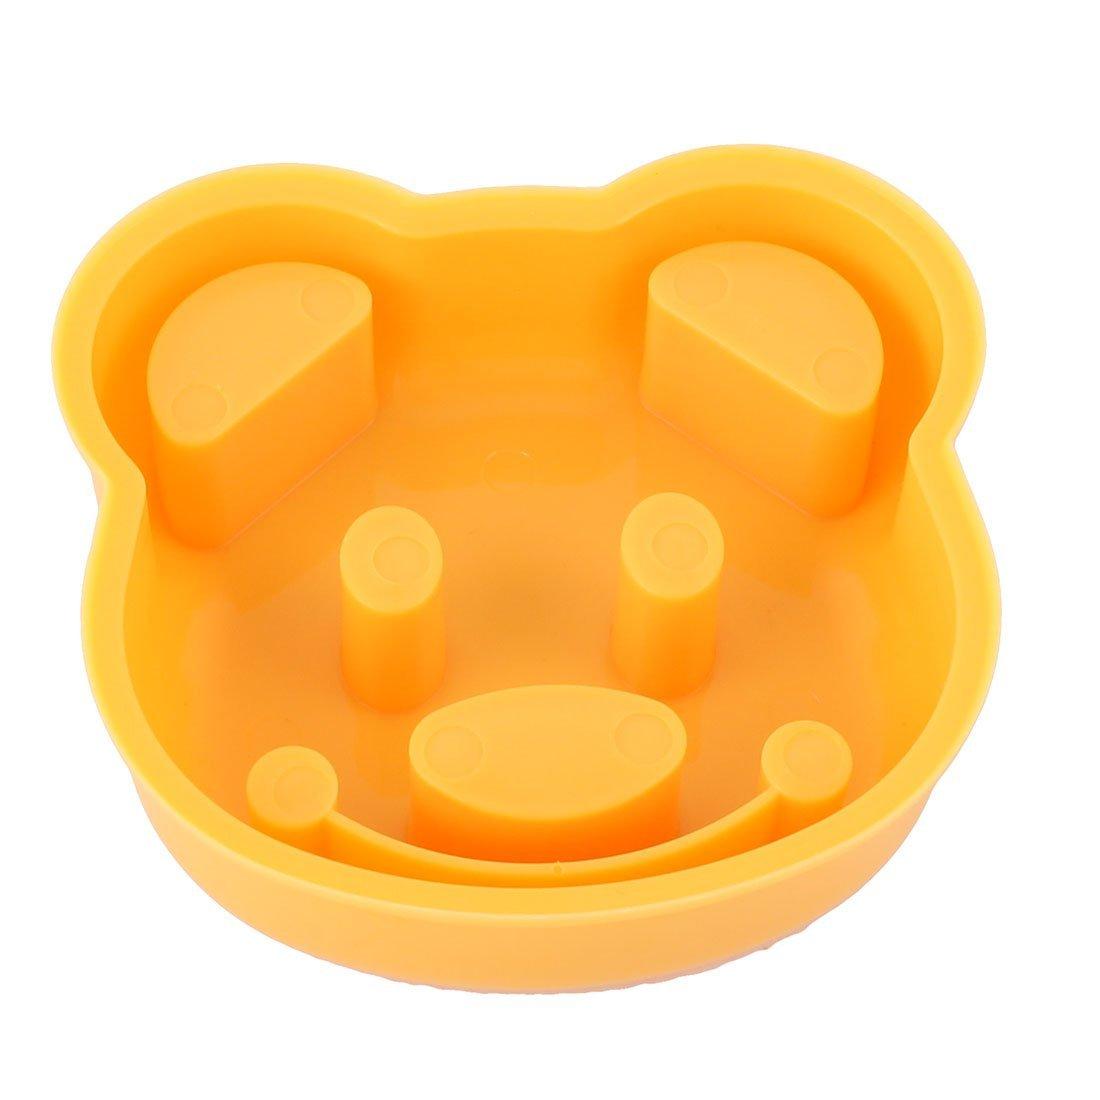 Amazon.com: eDealMax plástico la cocina del hogar del oso de cabeza en forma de sándwich de pan de molde DIY naranja Bola de arroz: Kitchen & Dining